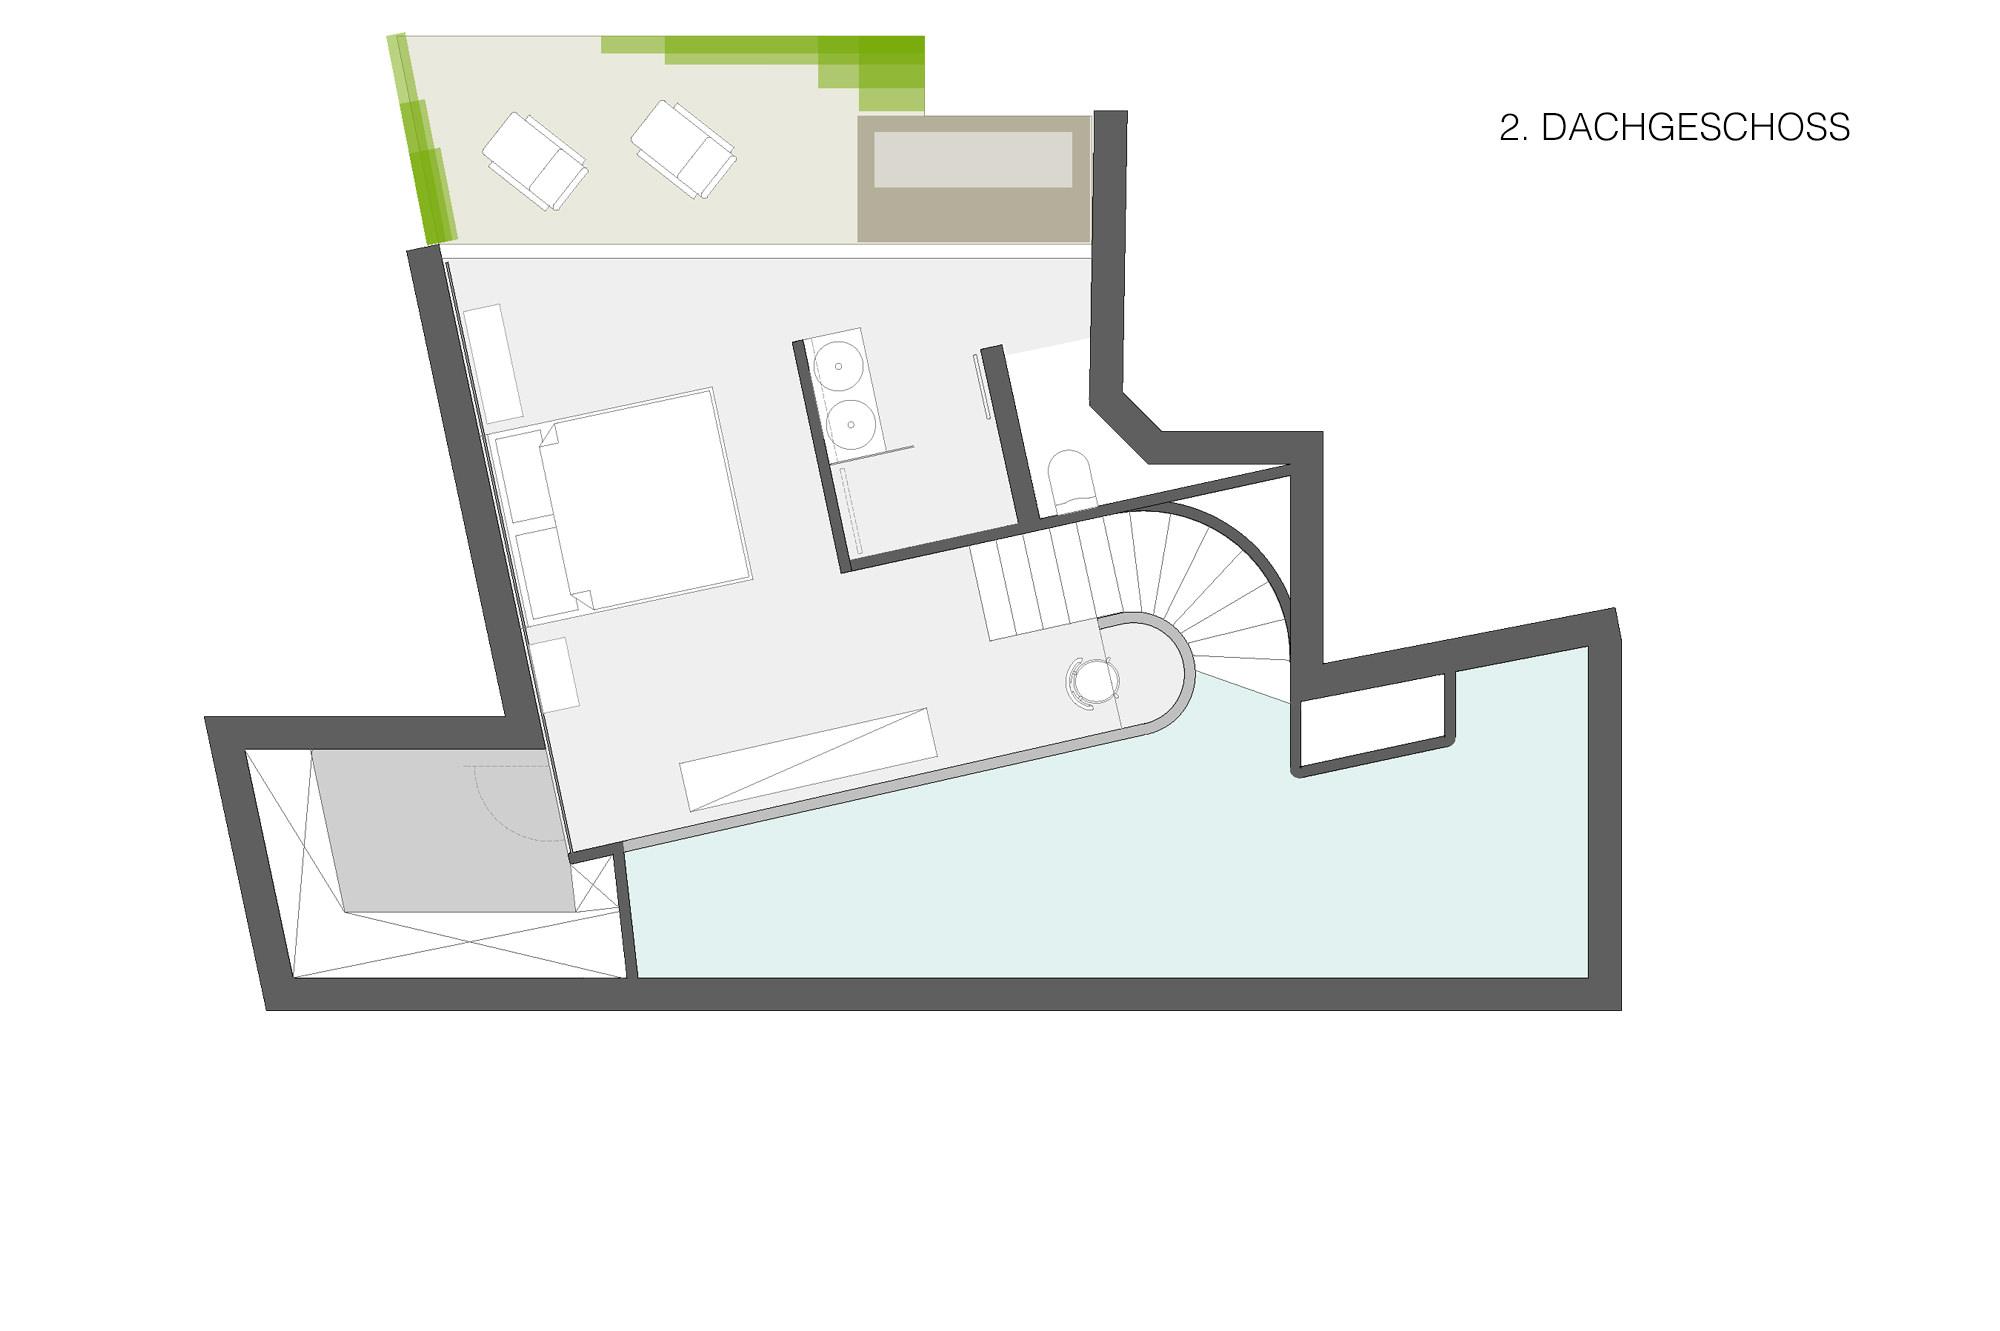 penthouse w 10 umbau dachausbau 1040 wien junger beer architektur